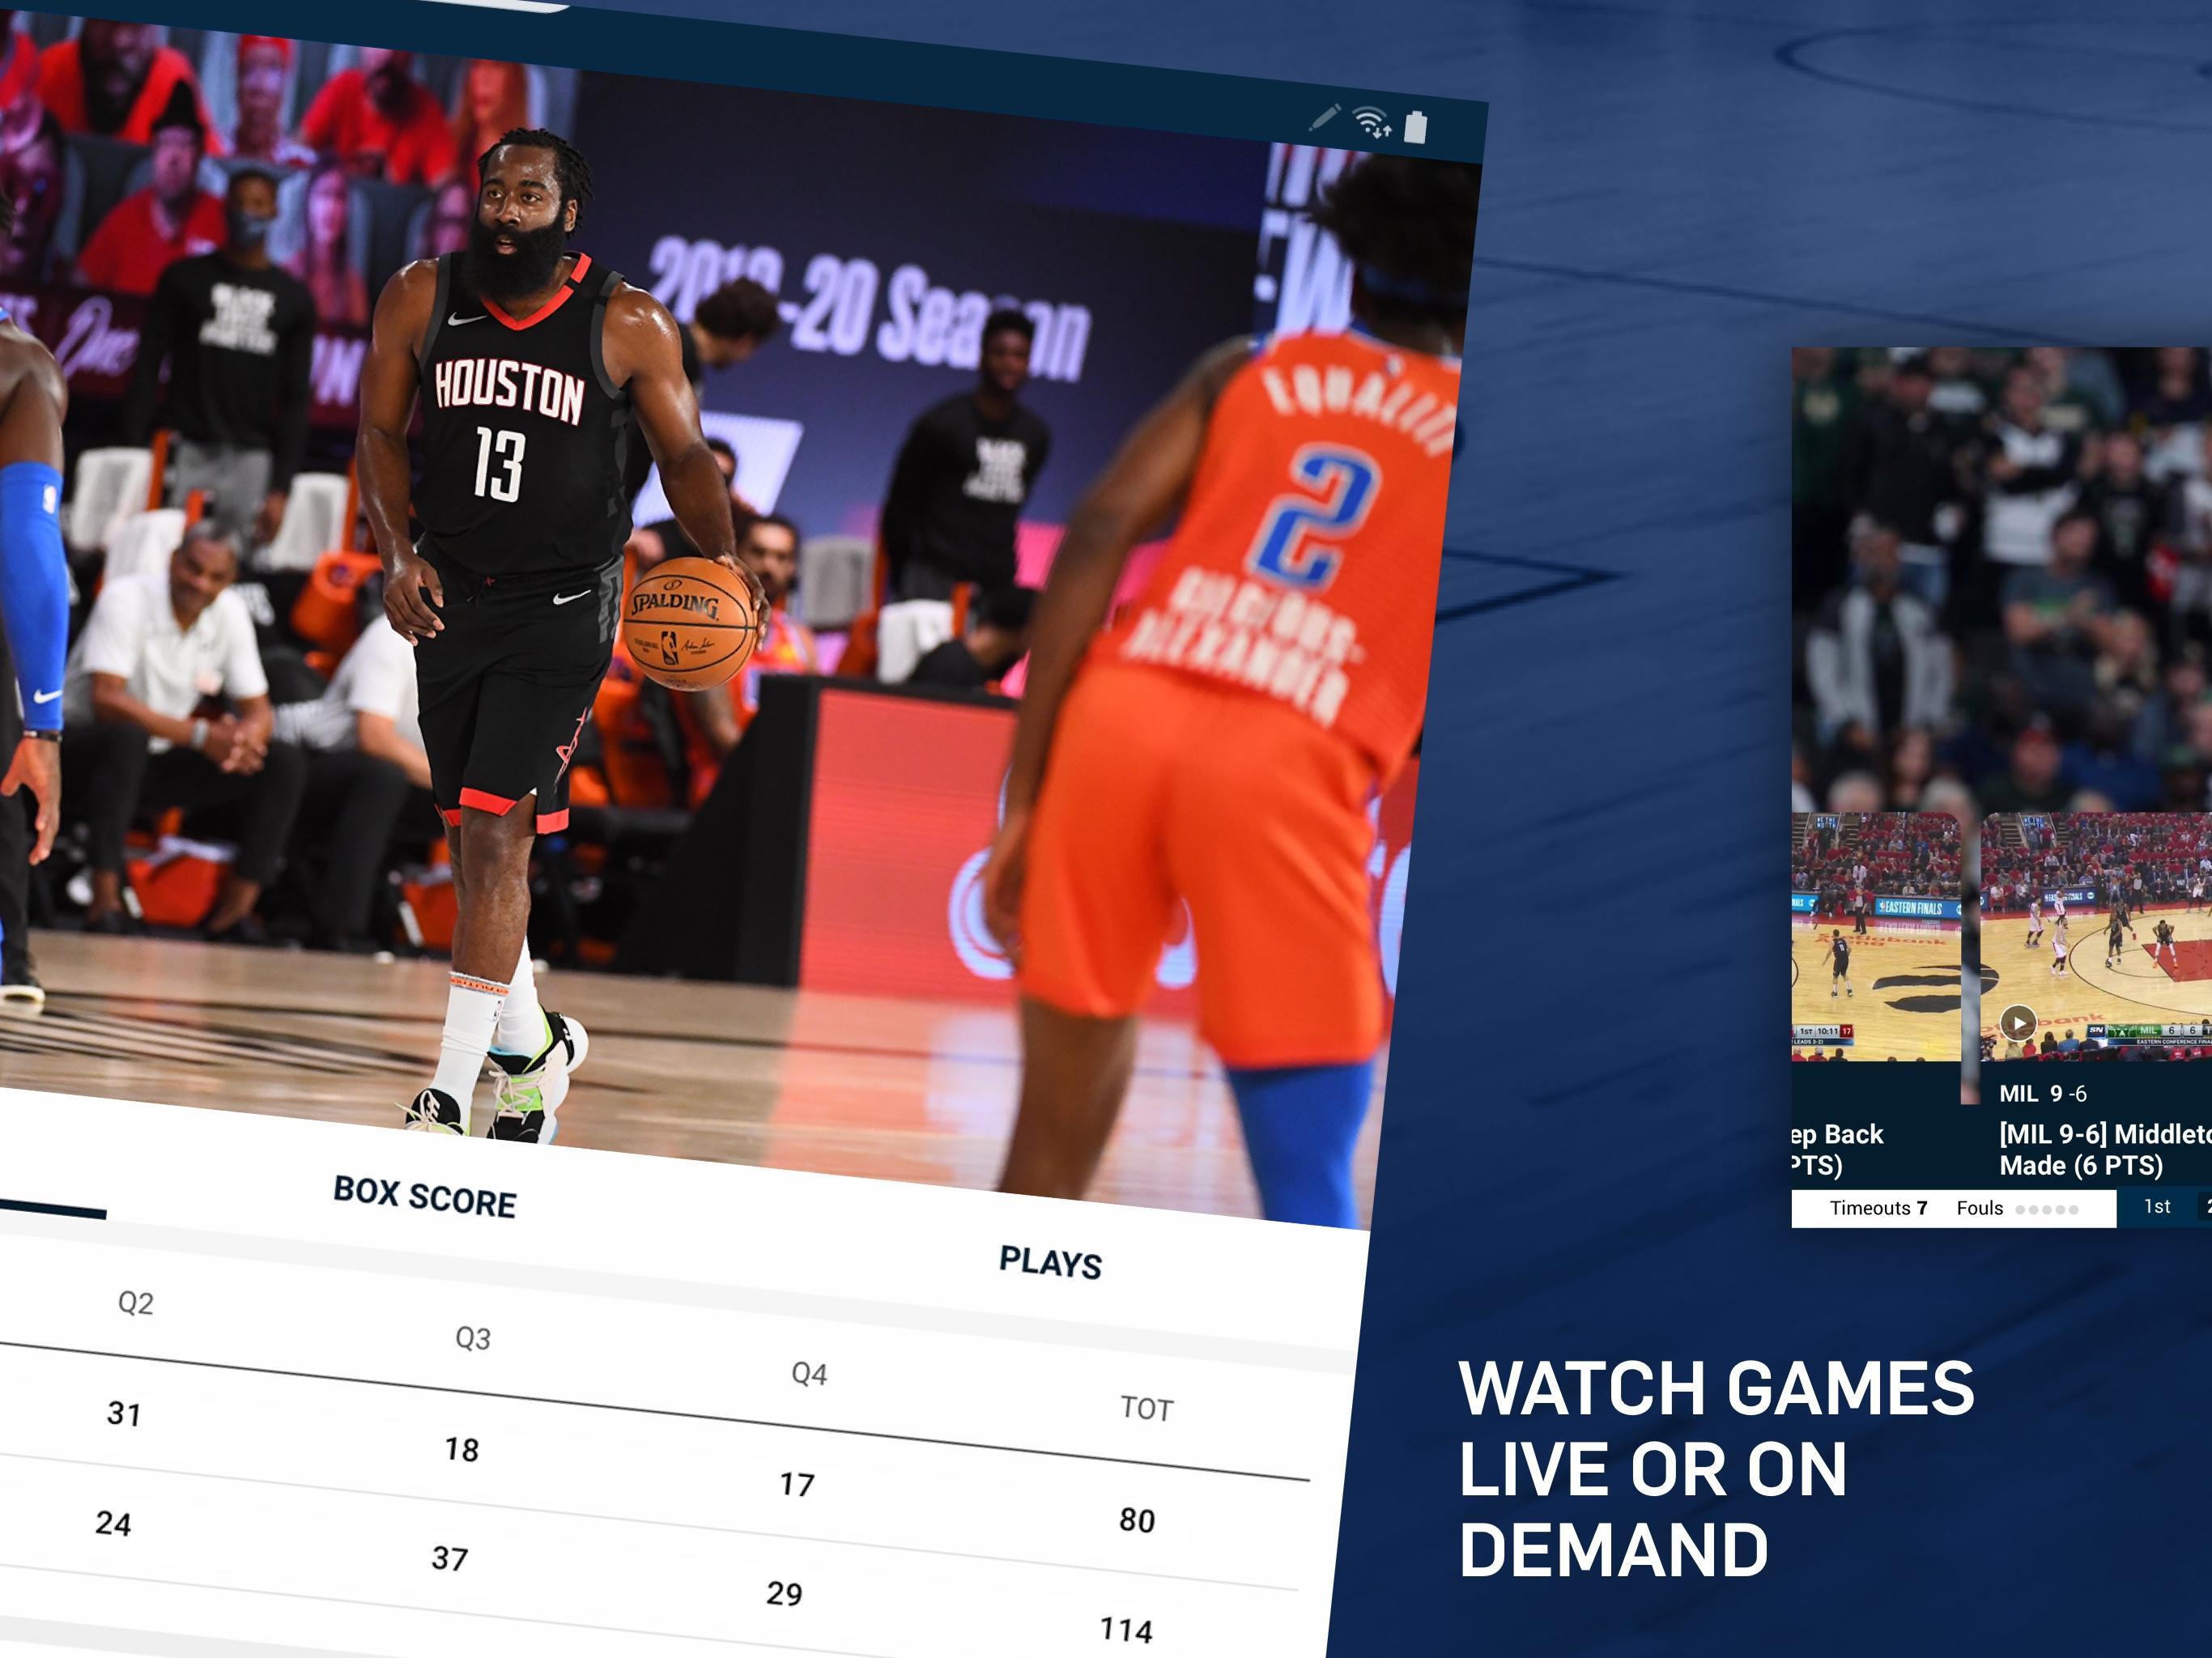 NBA Live Games & Scores 10.1103 Screenshot 8